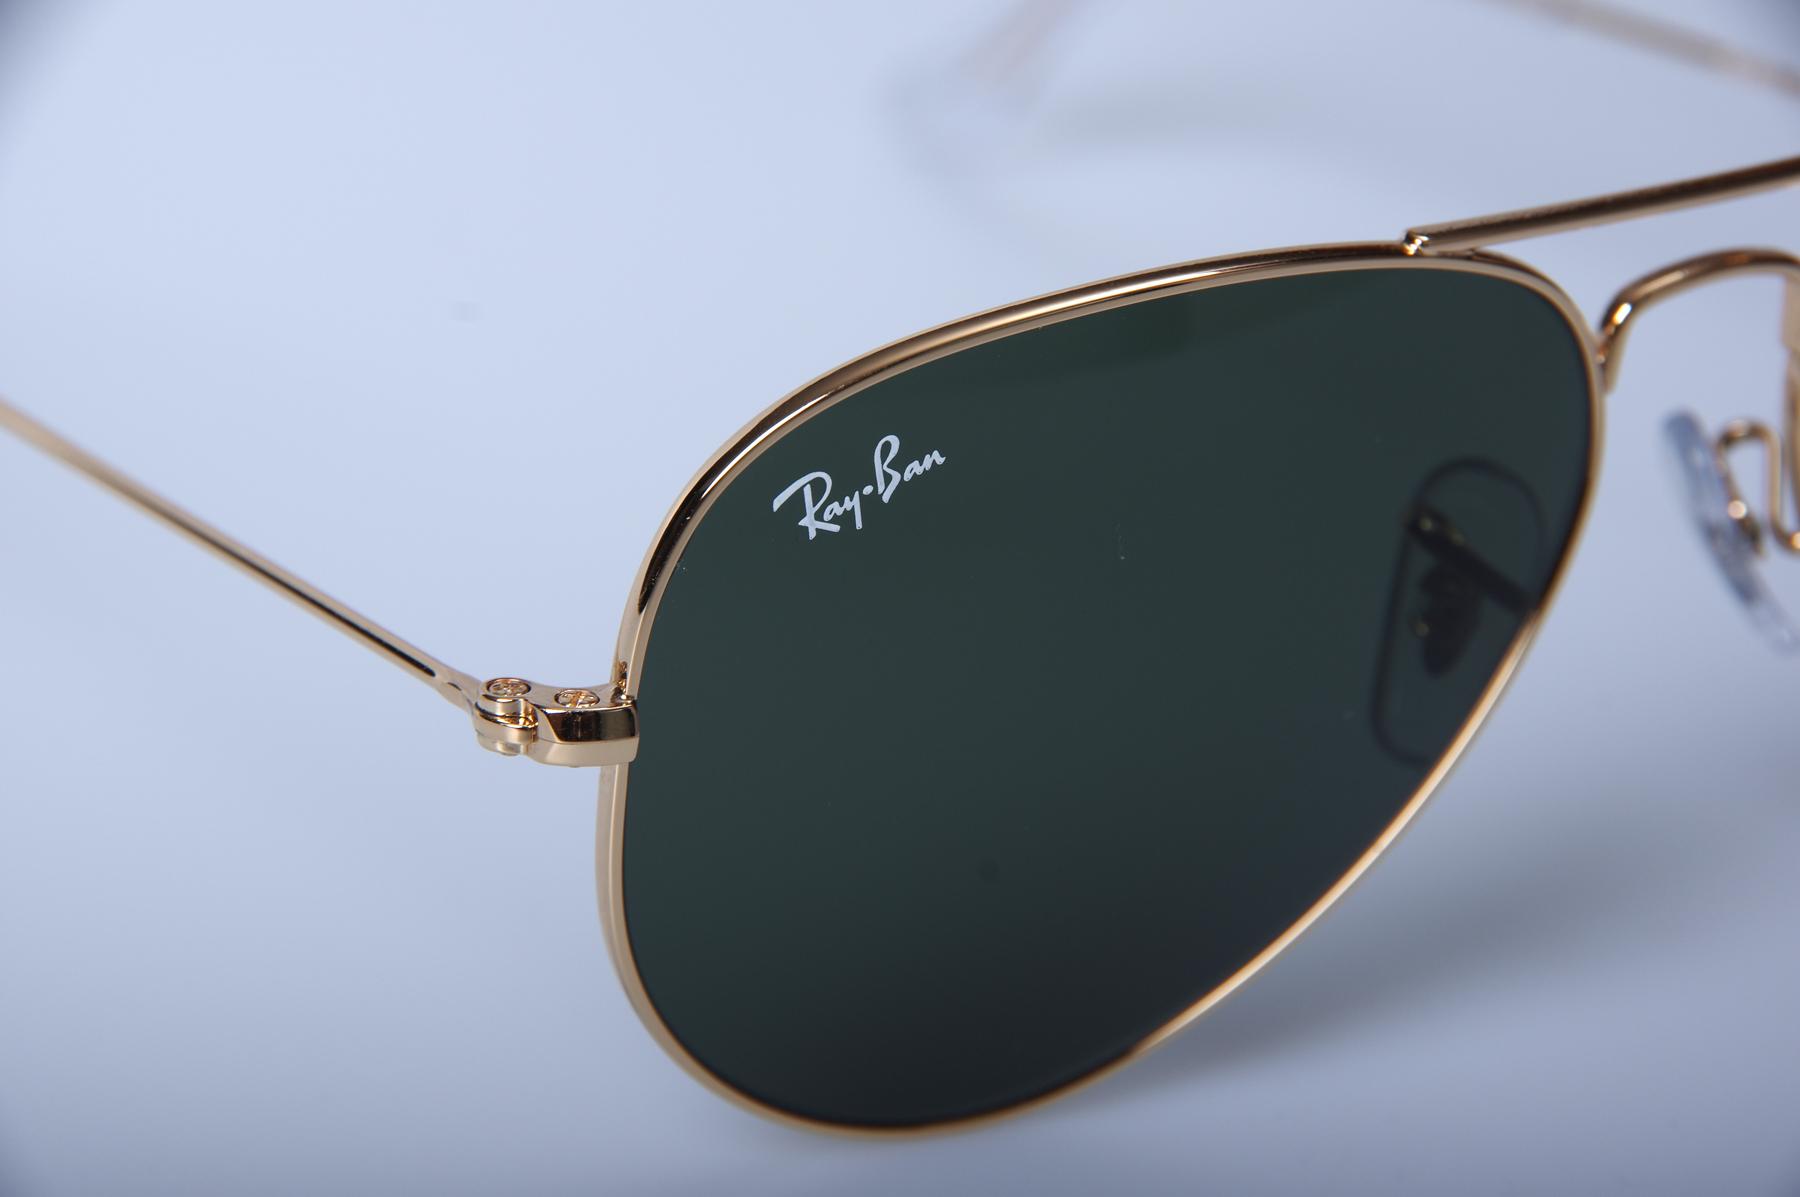 essayer des lunette de soleille Commencez l'été avec élégance grâce aux lunettes de soleil hans anders chic,  audacieuse ou sportive: choisissez parmi nos montures de marque ou notre.